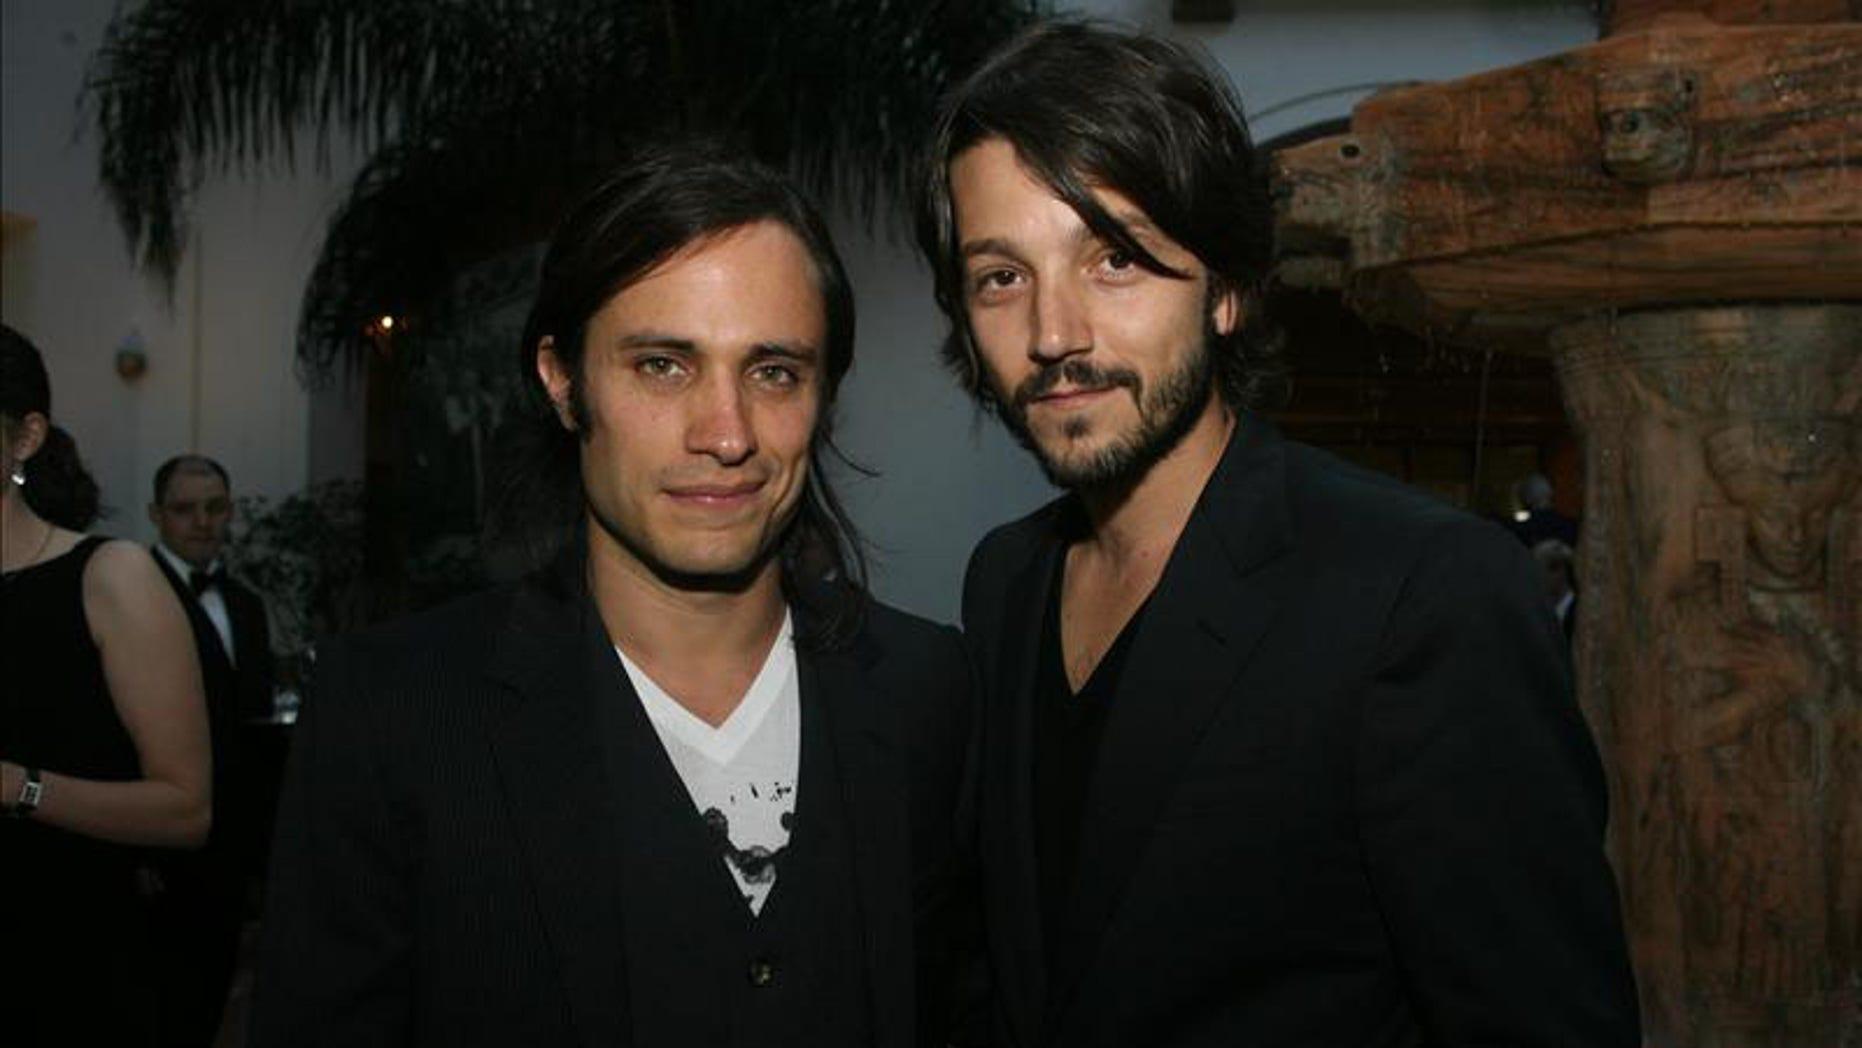 Gael García Bernal and Diego Luna